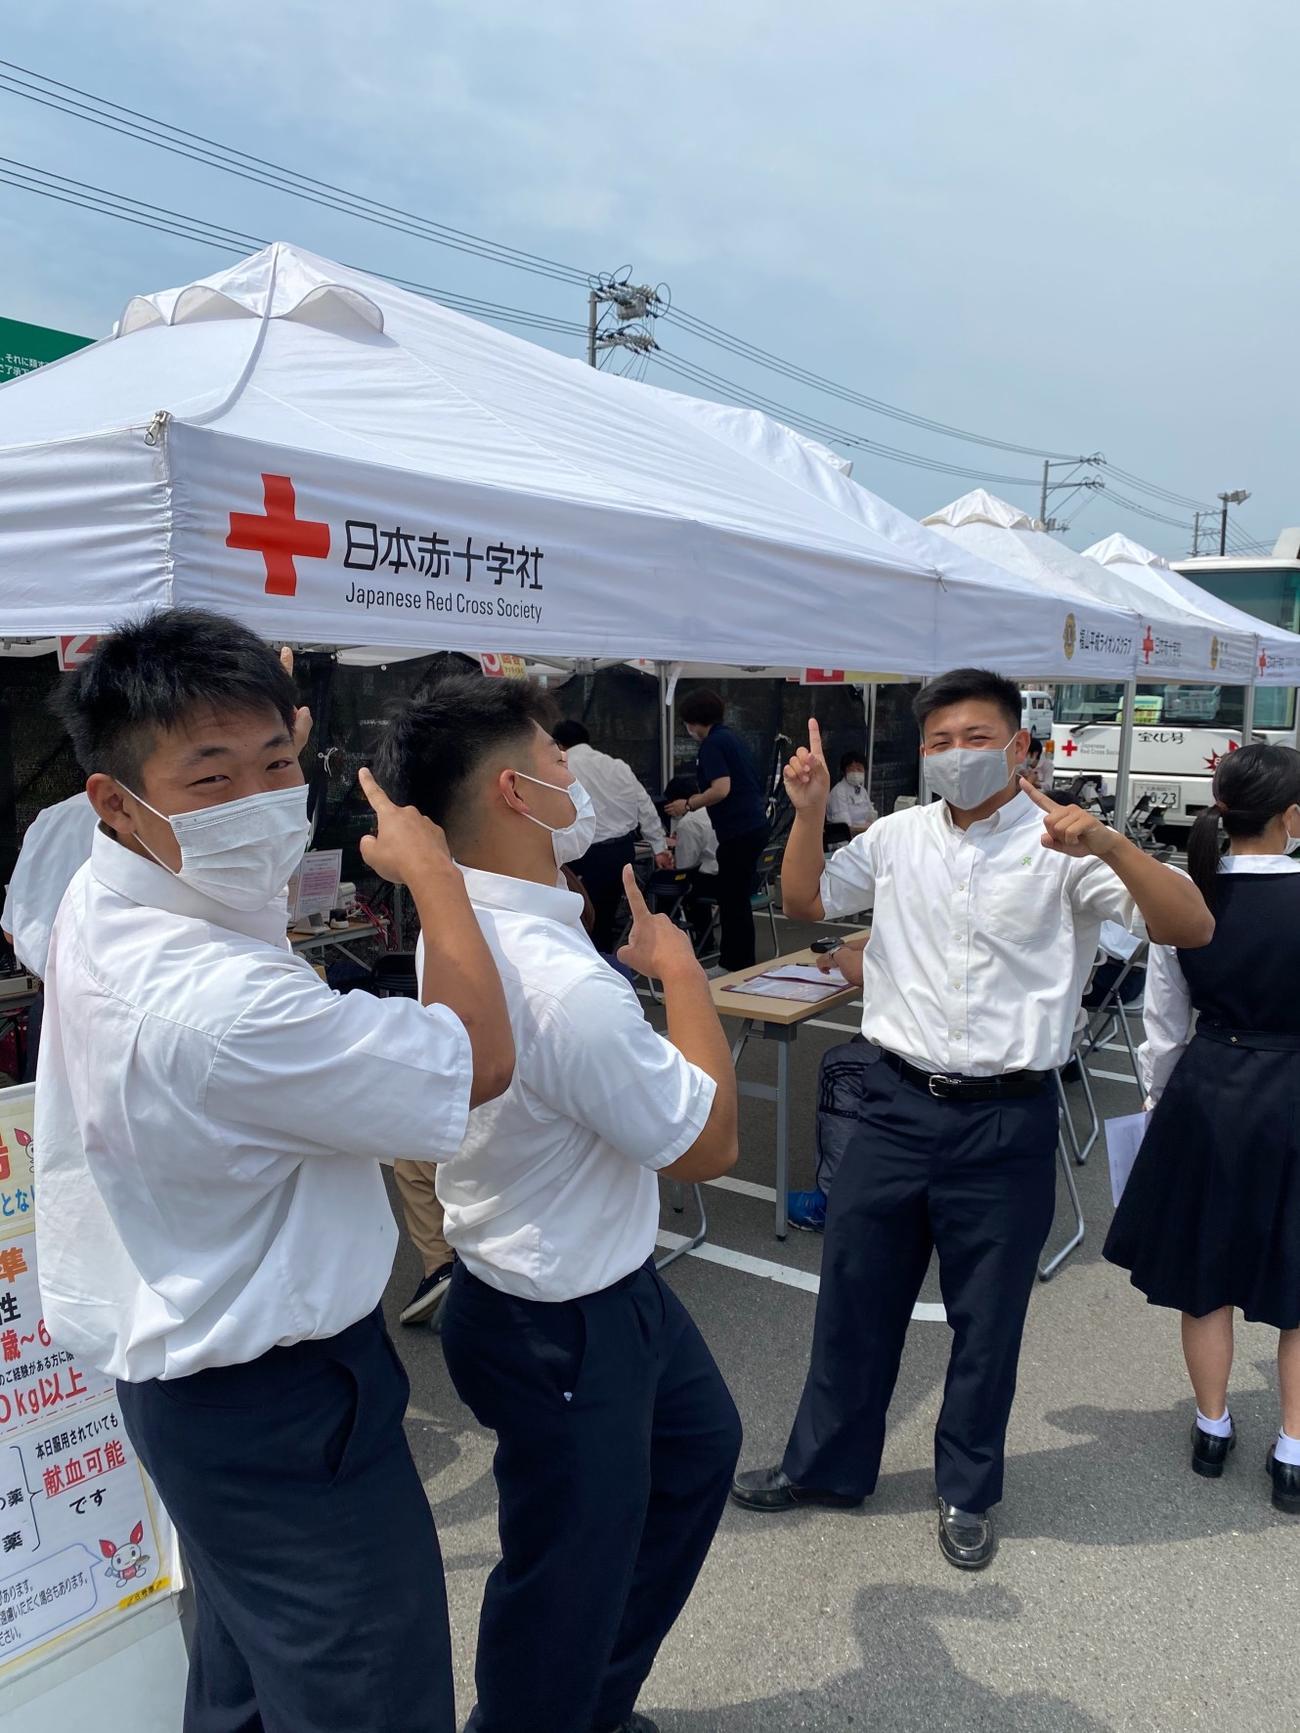 献血を呼びかける尾道のラグビー部員たち(尾道ラグビー部提供)